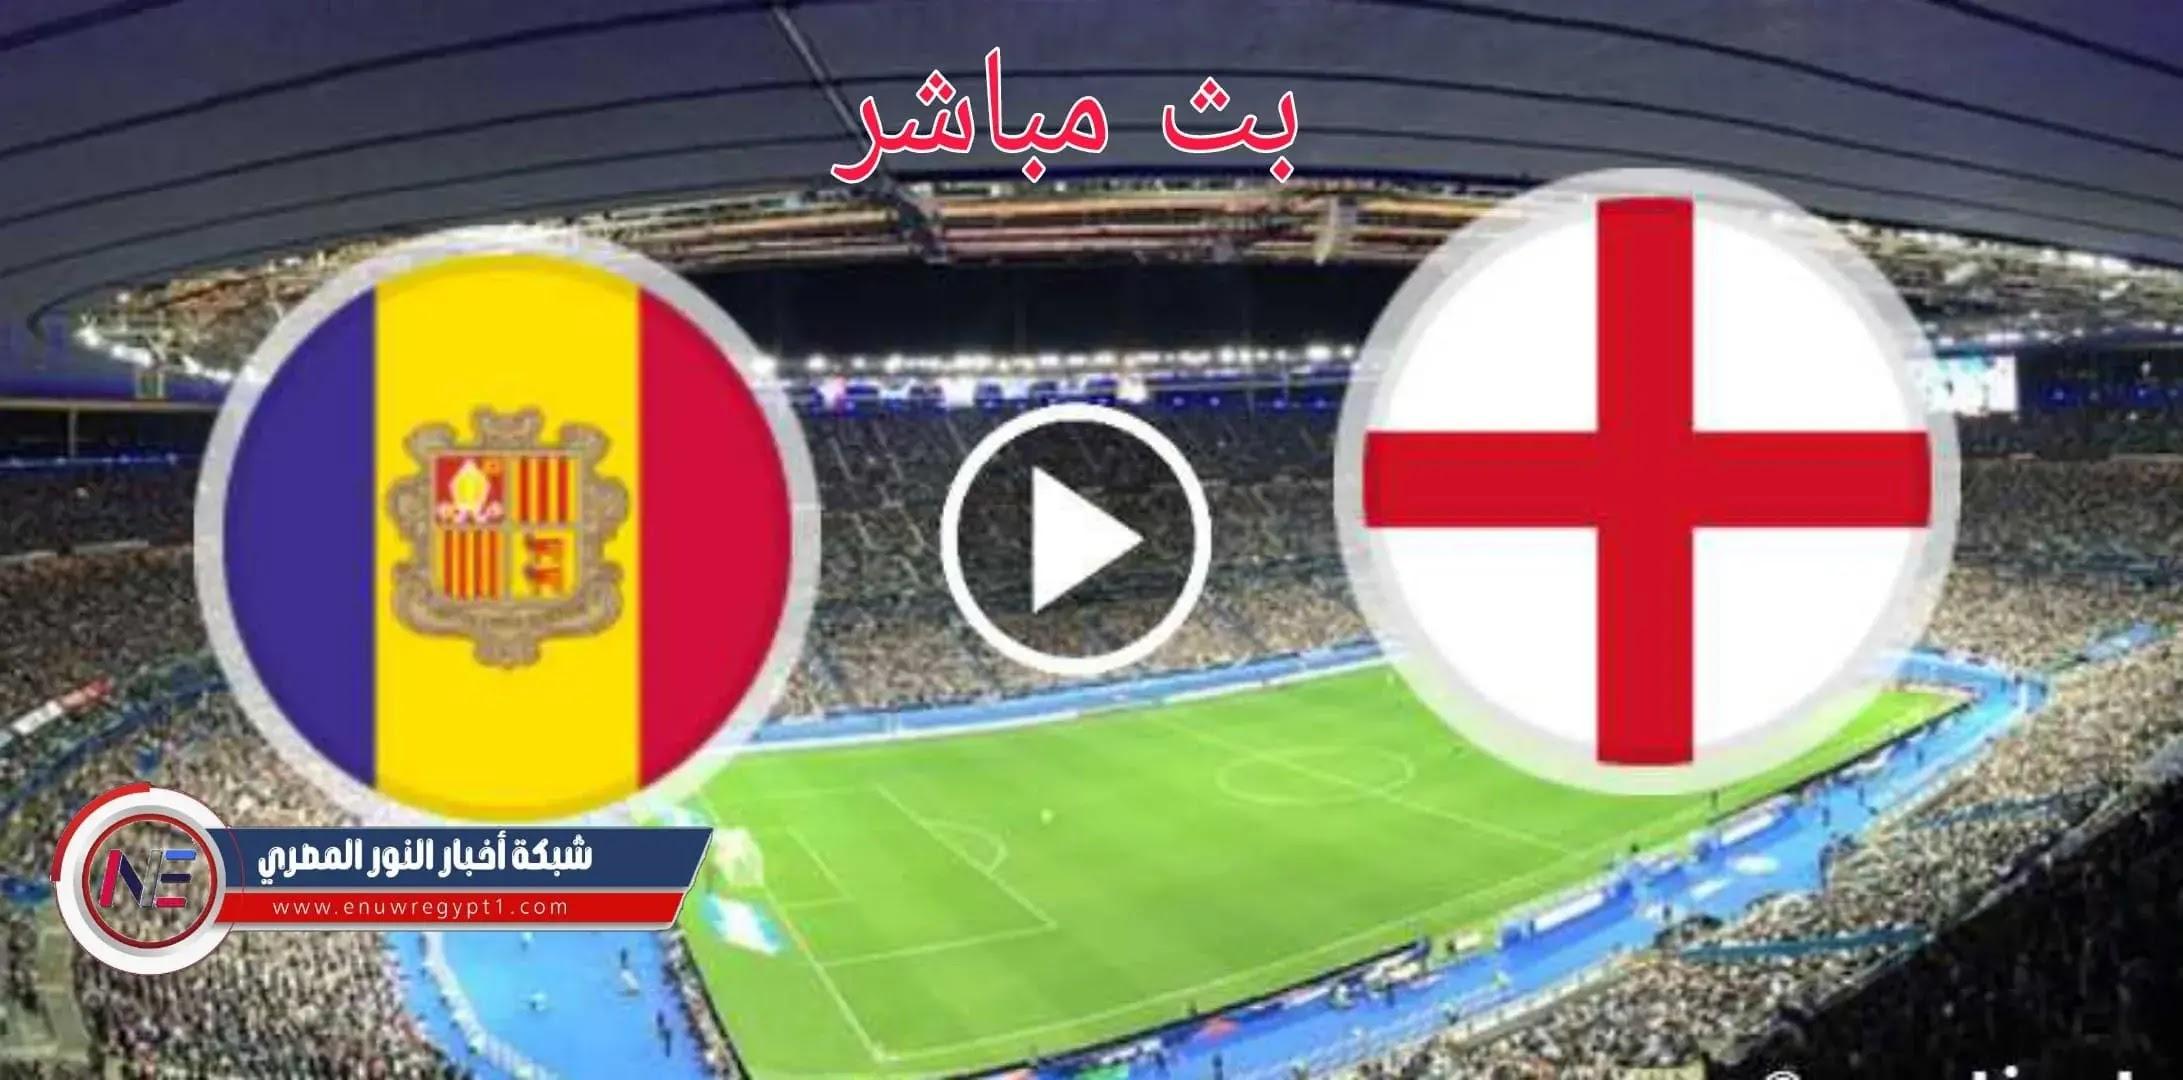 كورة لايف HD يوتيوب بث مباشر .. مشاهدة مباراة انجلترا و اندورا بث مباشر اليوم 05-01-2021 لايف في تصفيات كأس العالم